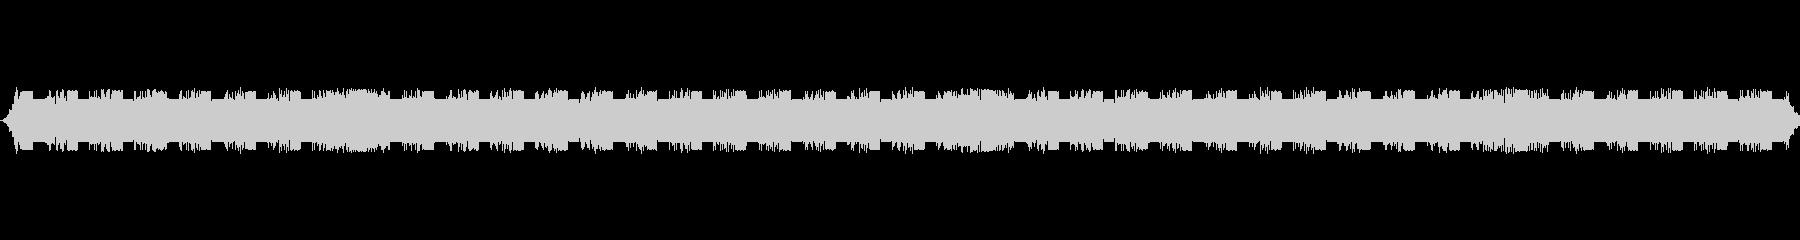 デジタルデータ転送または検索トーンの未再生の波形